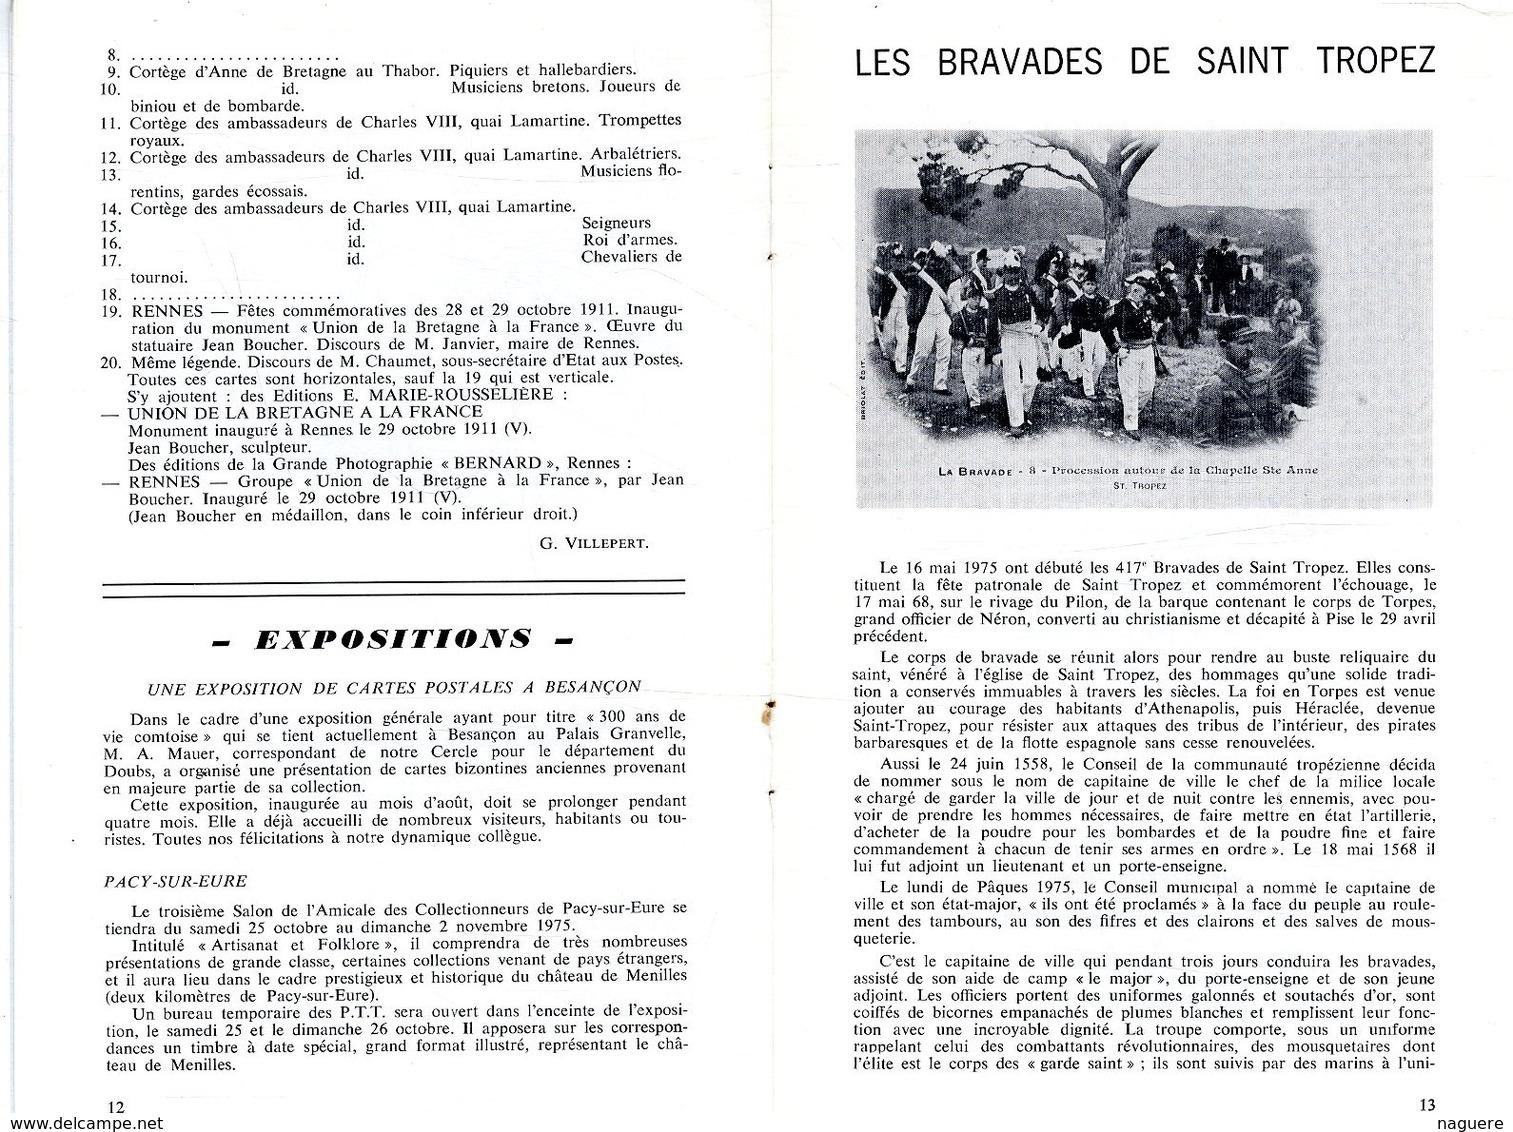 LE CARTOPHILE  SEPTEMB 1975  N° 38  -  20 PAGES LA CARTE POSTALE ILLUSTREE CIRCUIT DE LA PRESSE BRETAGNE A LA FRAN Etc . - French